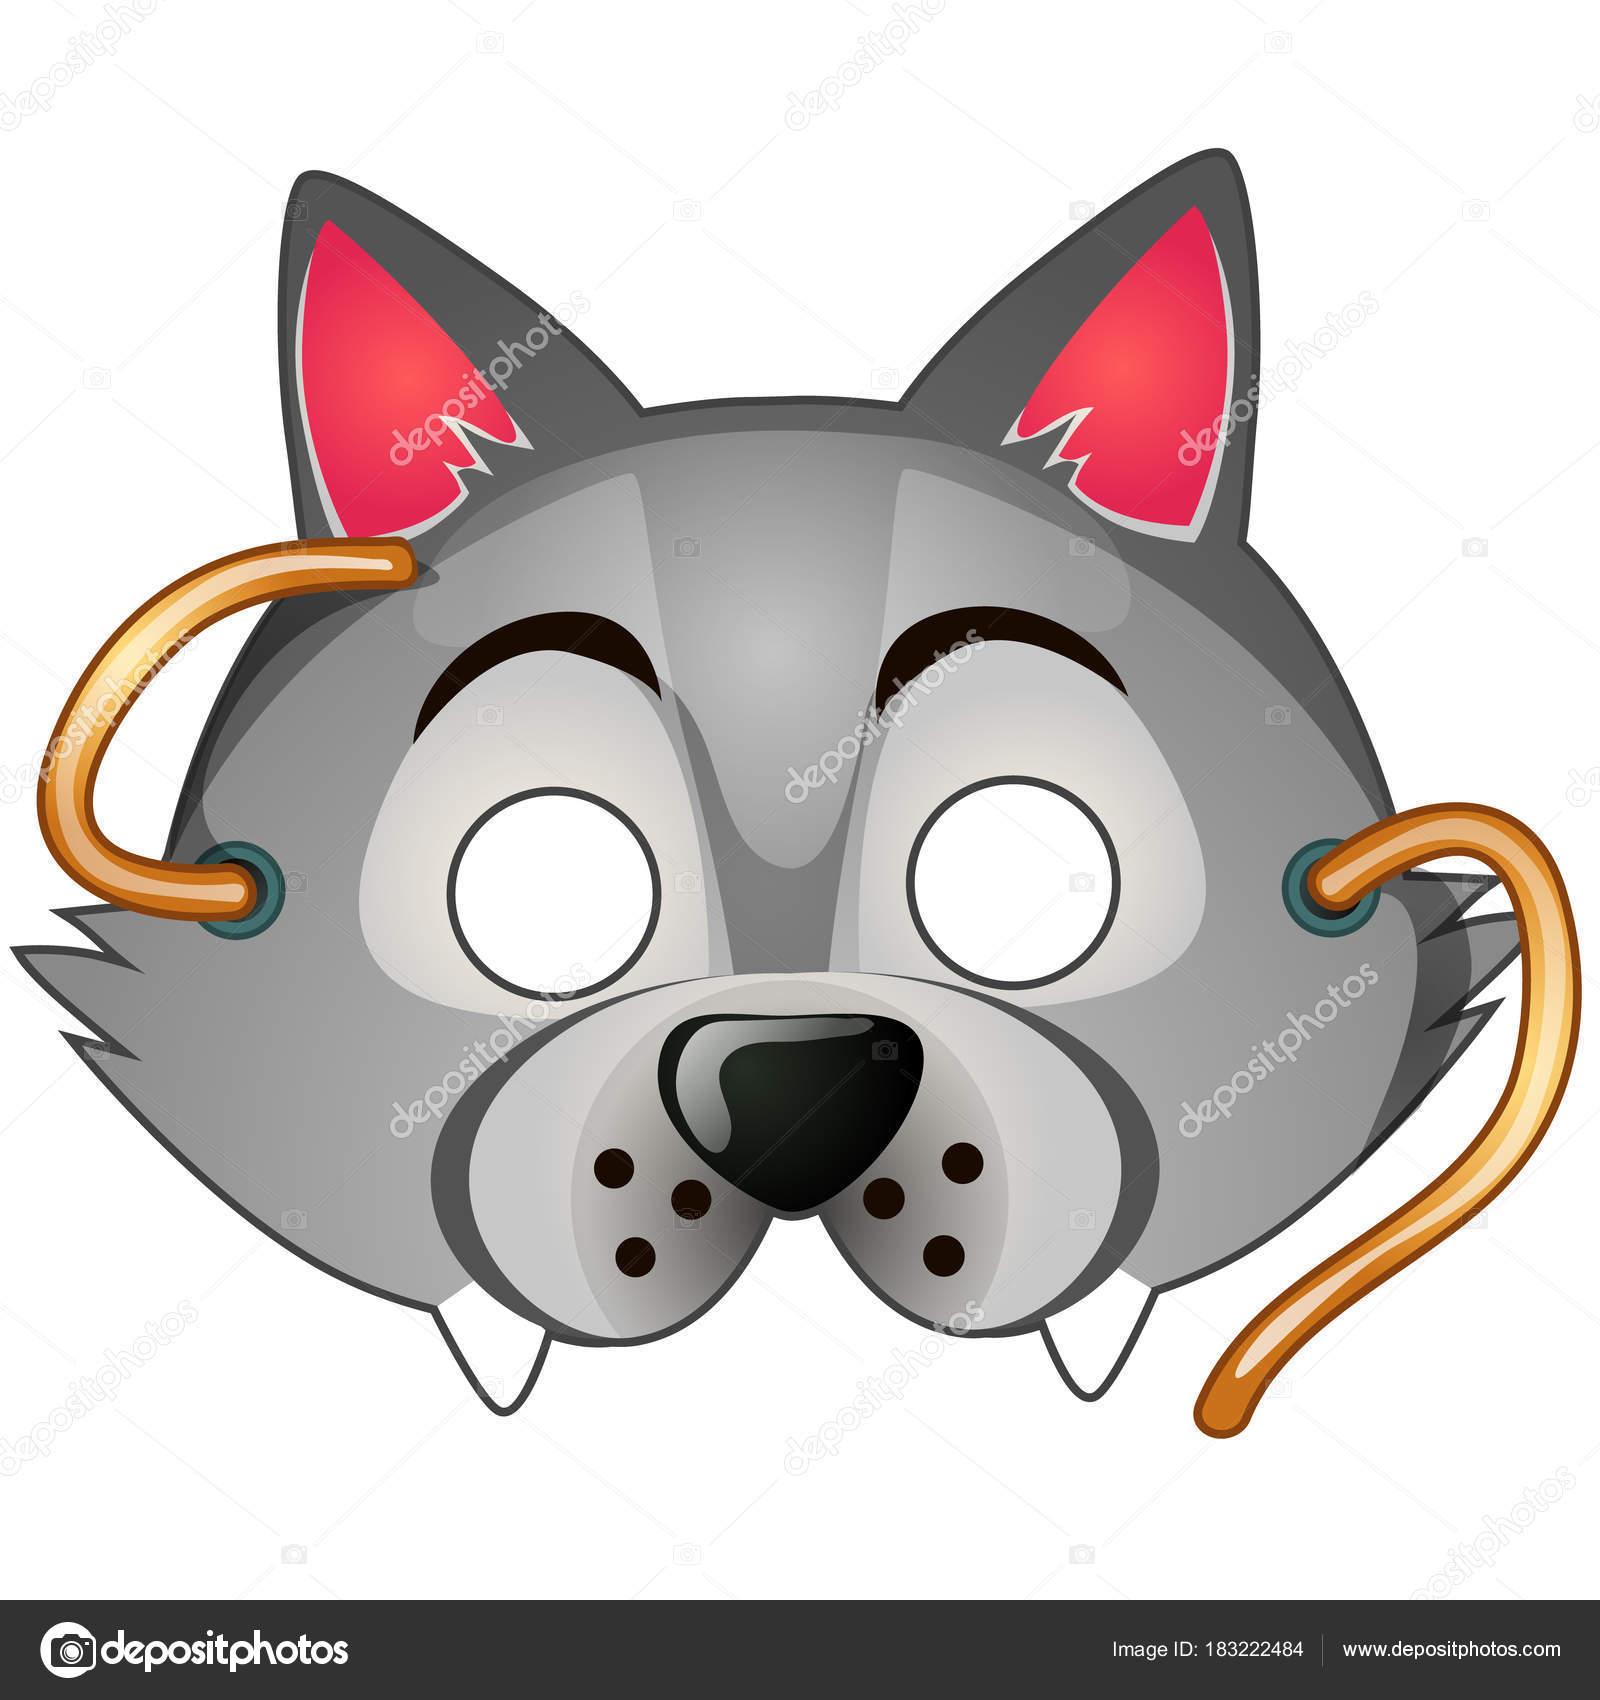 da1a5159ab9 Máscara de lobo engraçado com sequências de caracteres desenhadas no estilo  cartoon. Acessórios de carnaval e máscaras. Ilustração vetorial